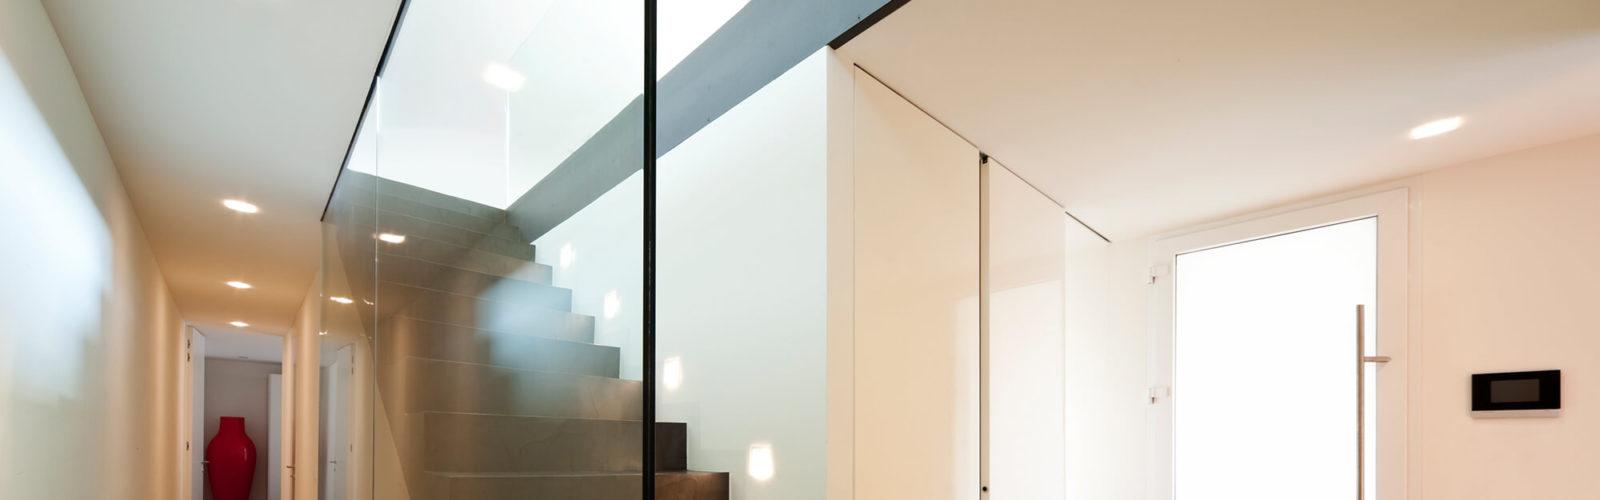 Blick in einen Flur mit einer Treppe und Glas von Panther Glas